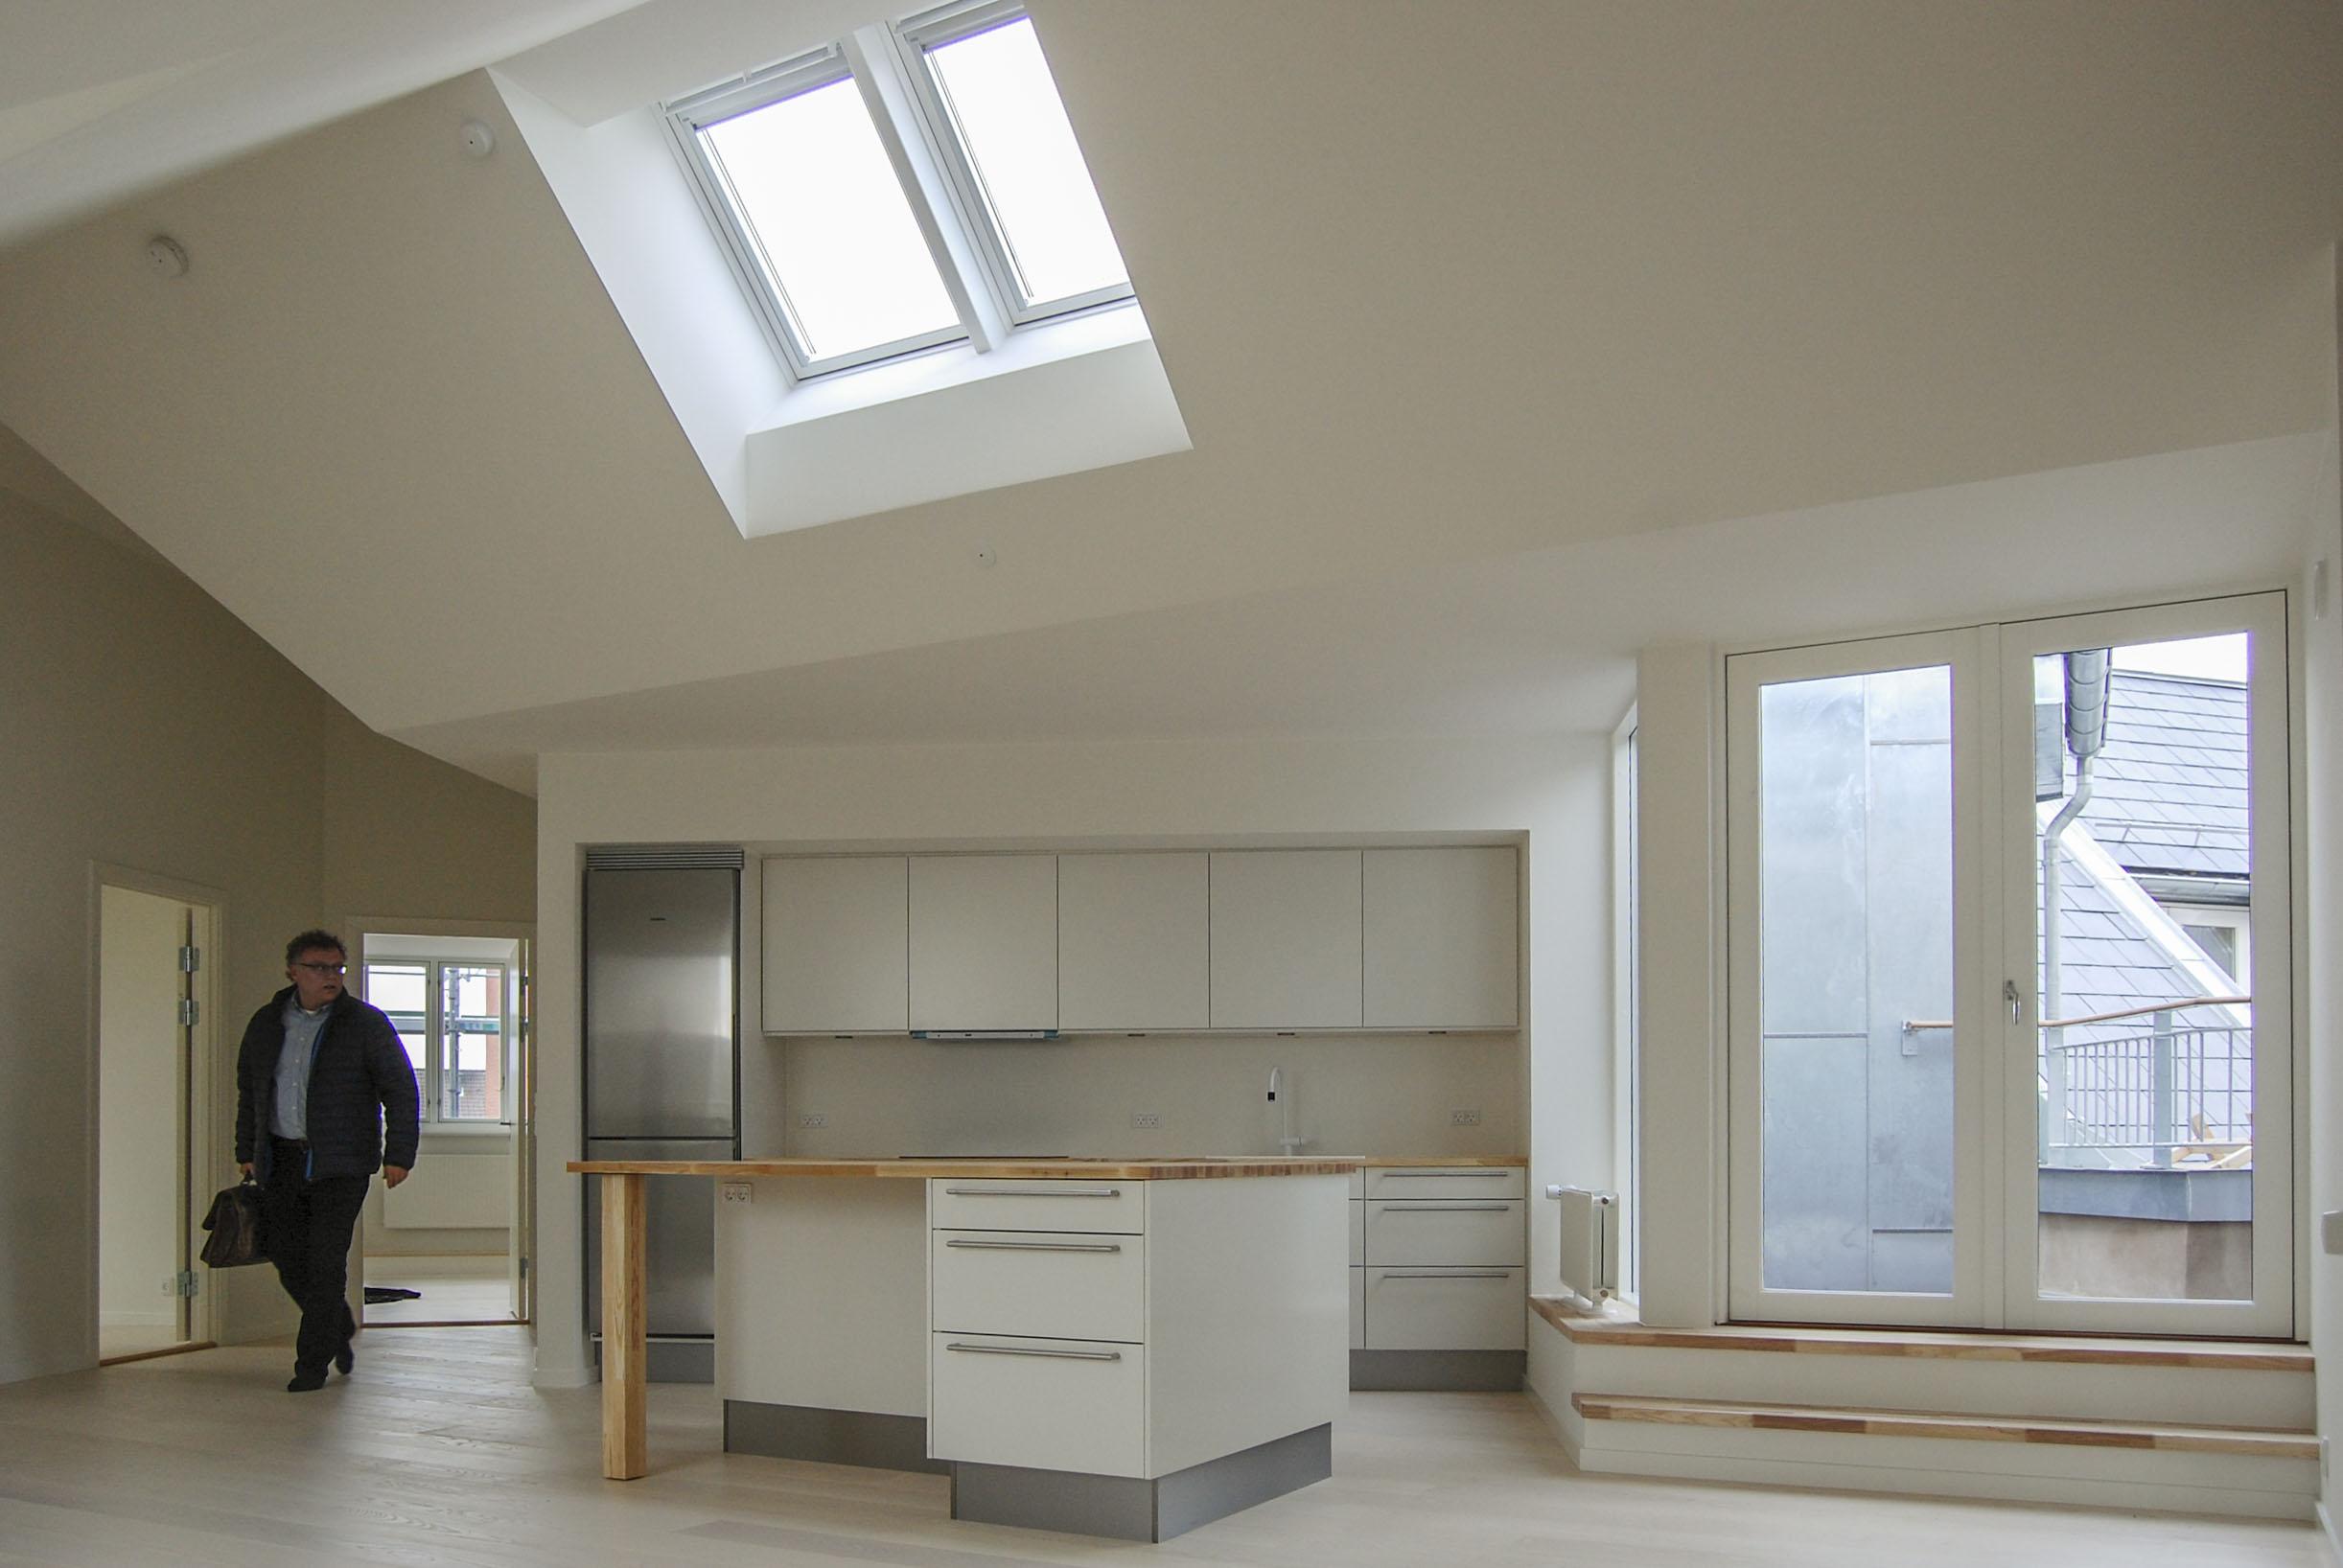 Køkken alrum af taglejlighed i A/B Aldersrogade